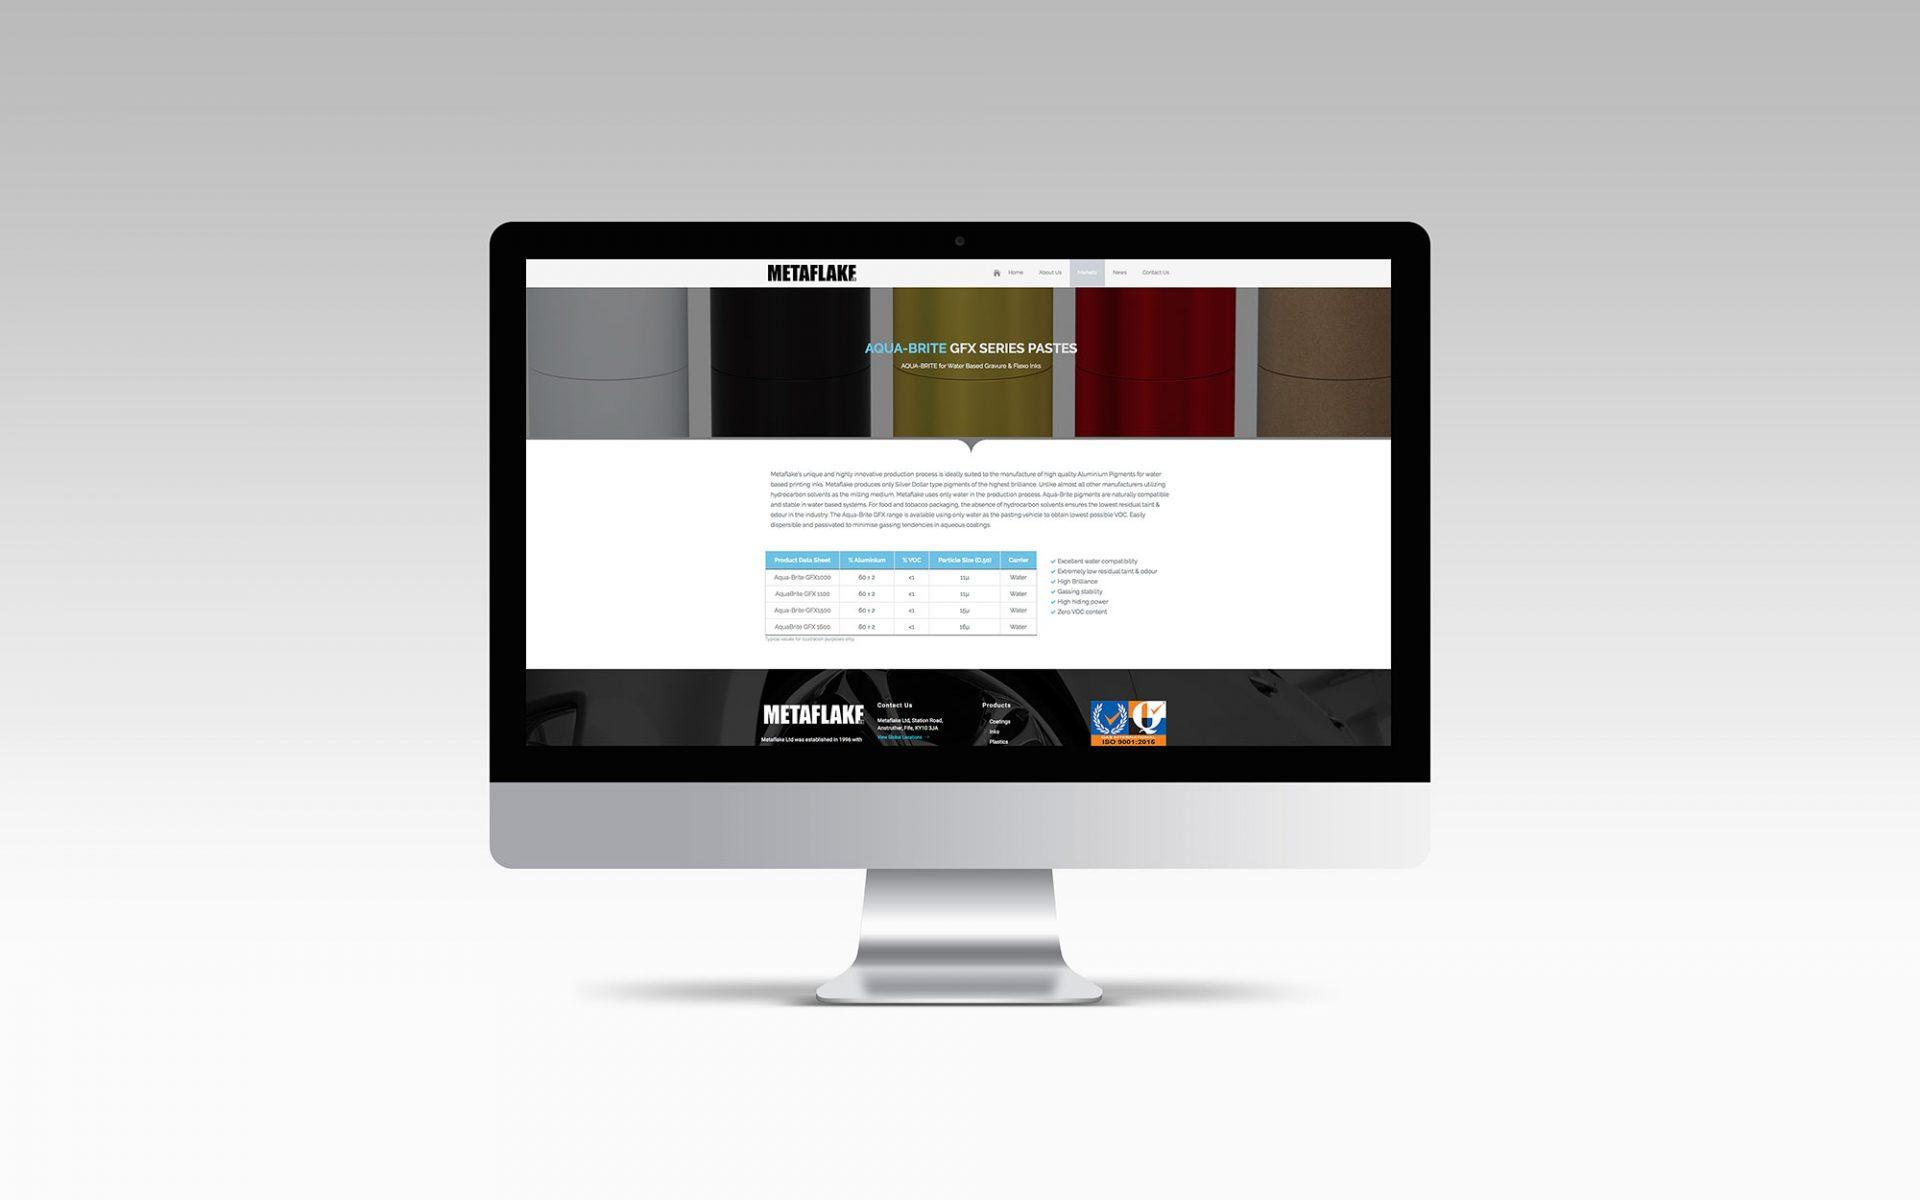 Metaflake - Website Design